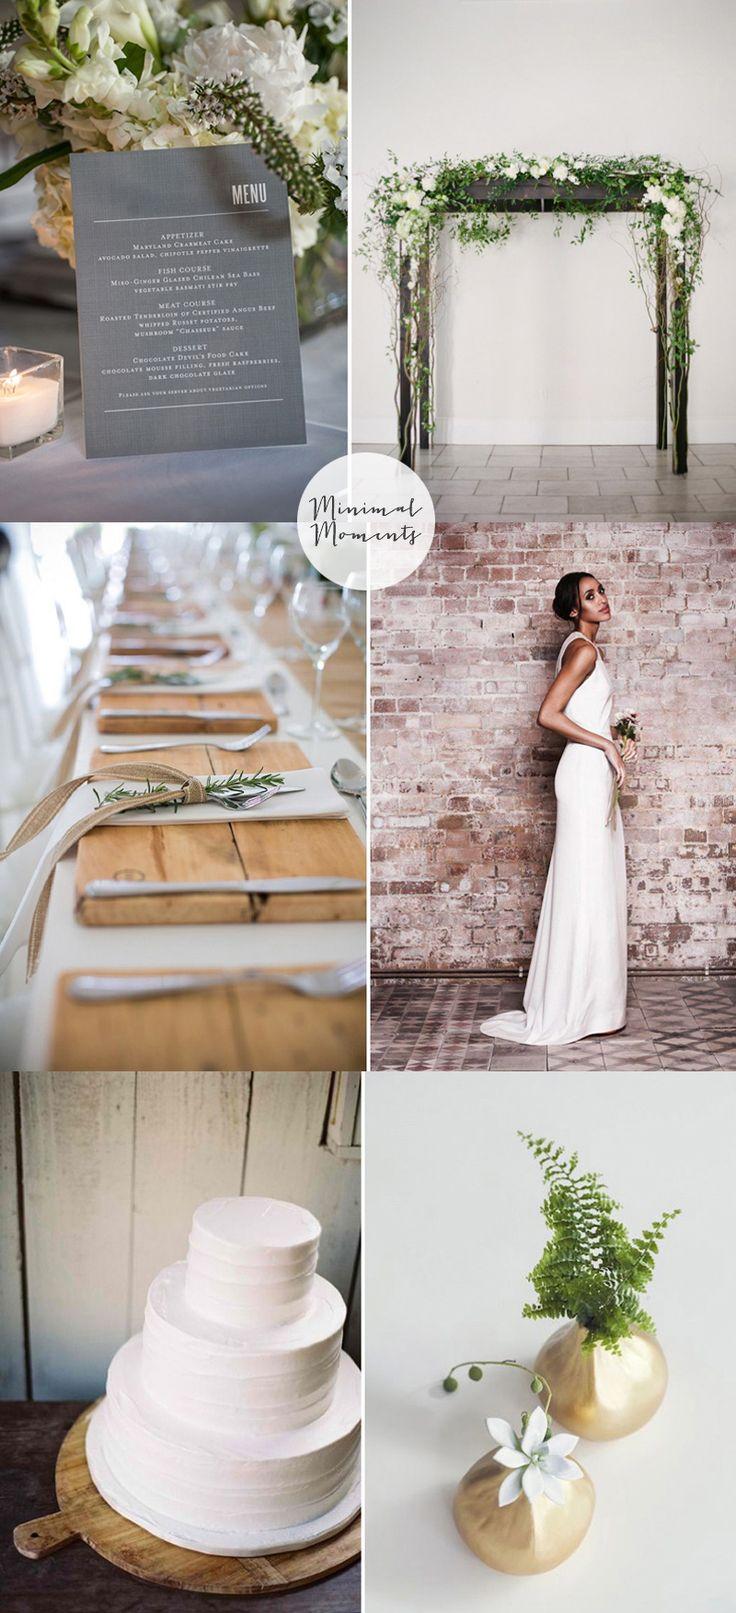 The 2015 Wedding Trend Report | Style Focused Wedding Venue Directory | Coco Wedding Venues